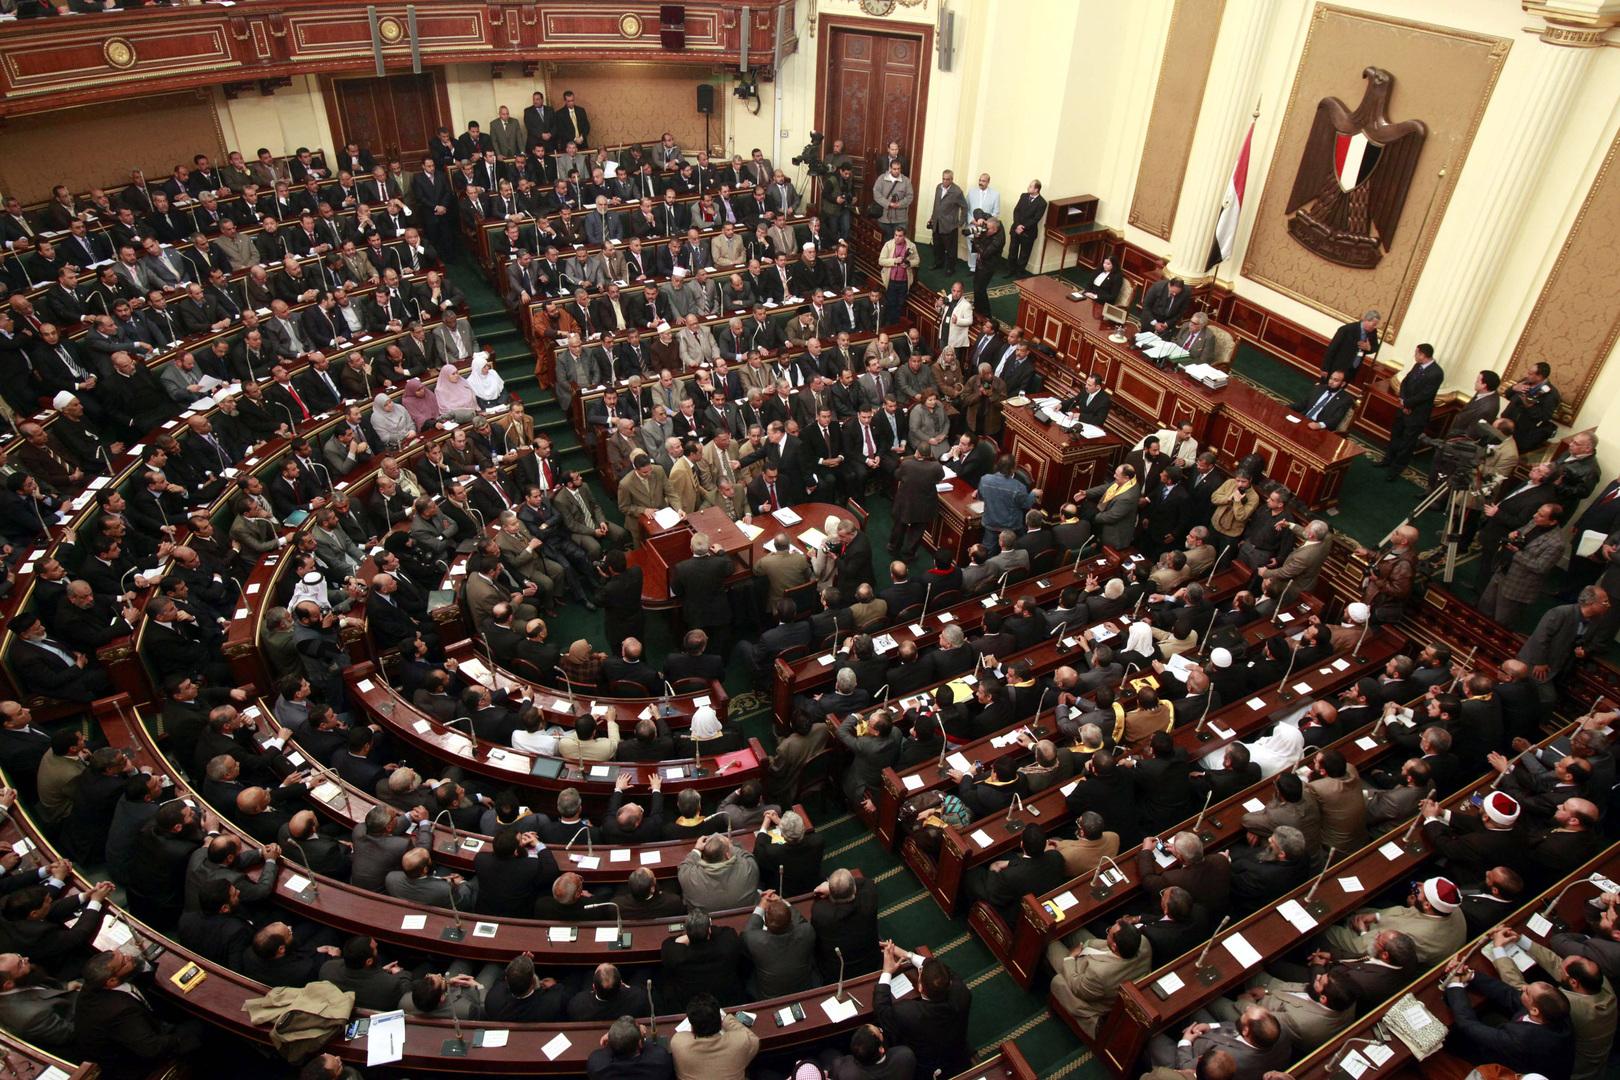 البرلمان المصري ينشر بيانا بالانجليزية حول موافقته على إرسال قوات خارج الحدود